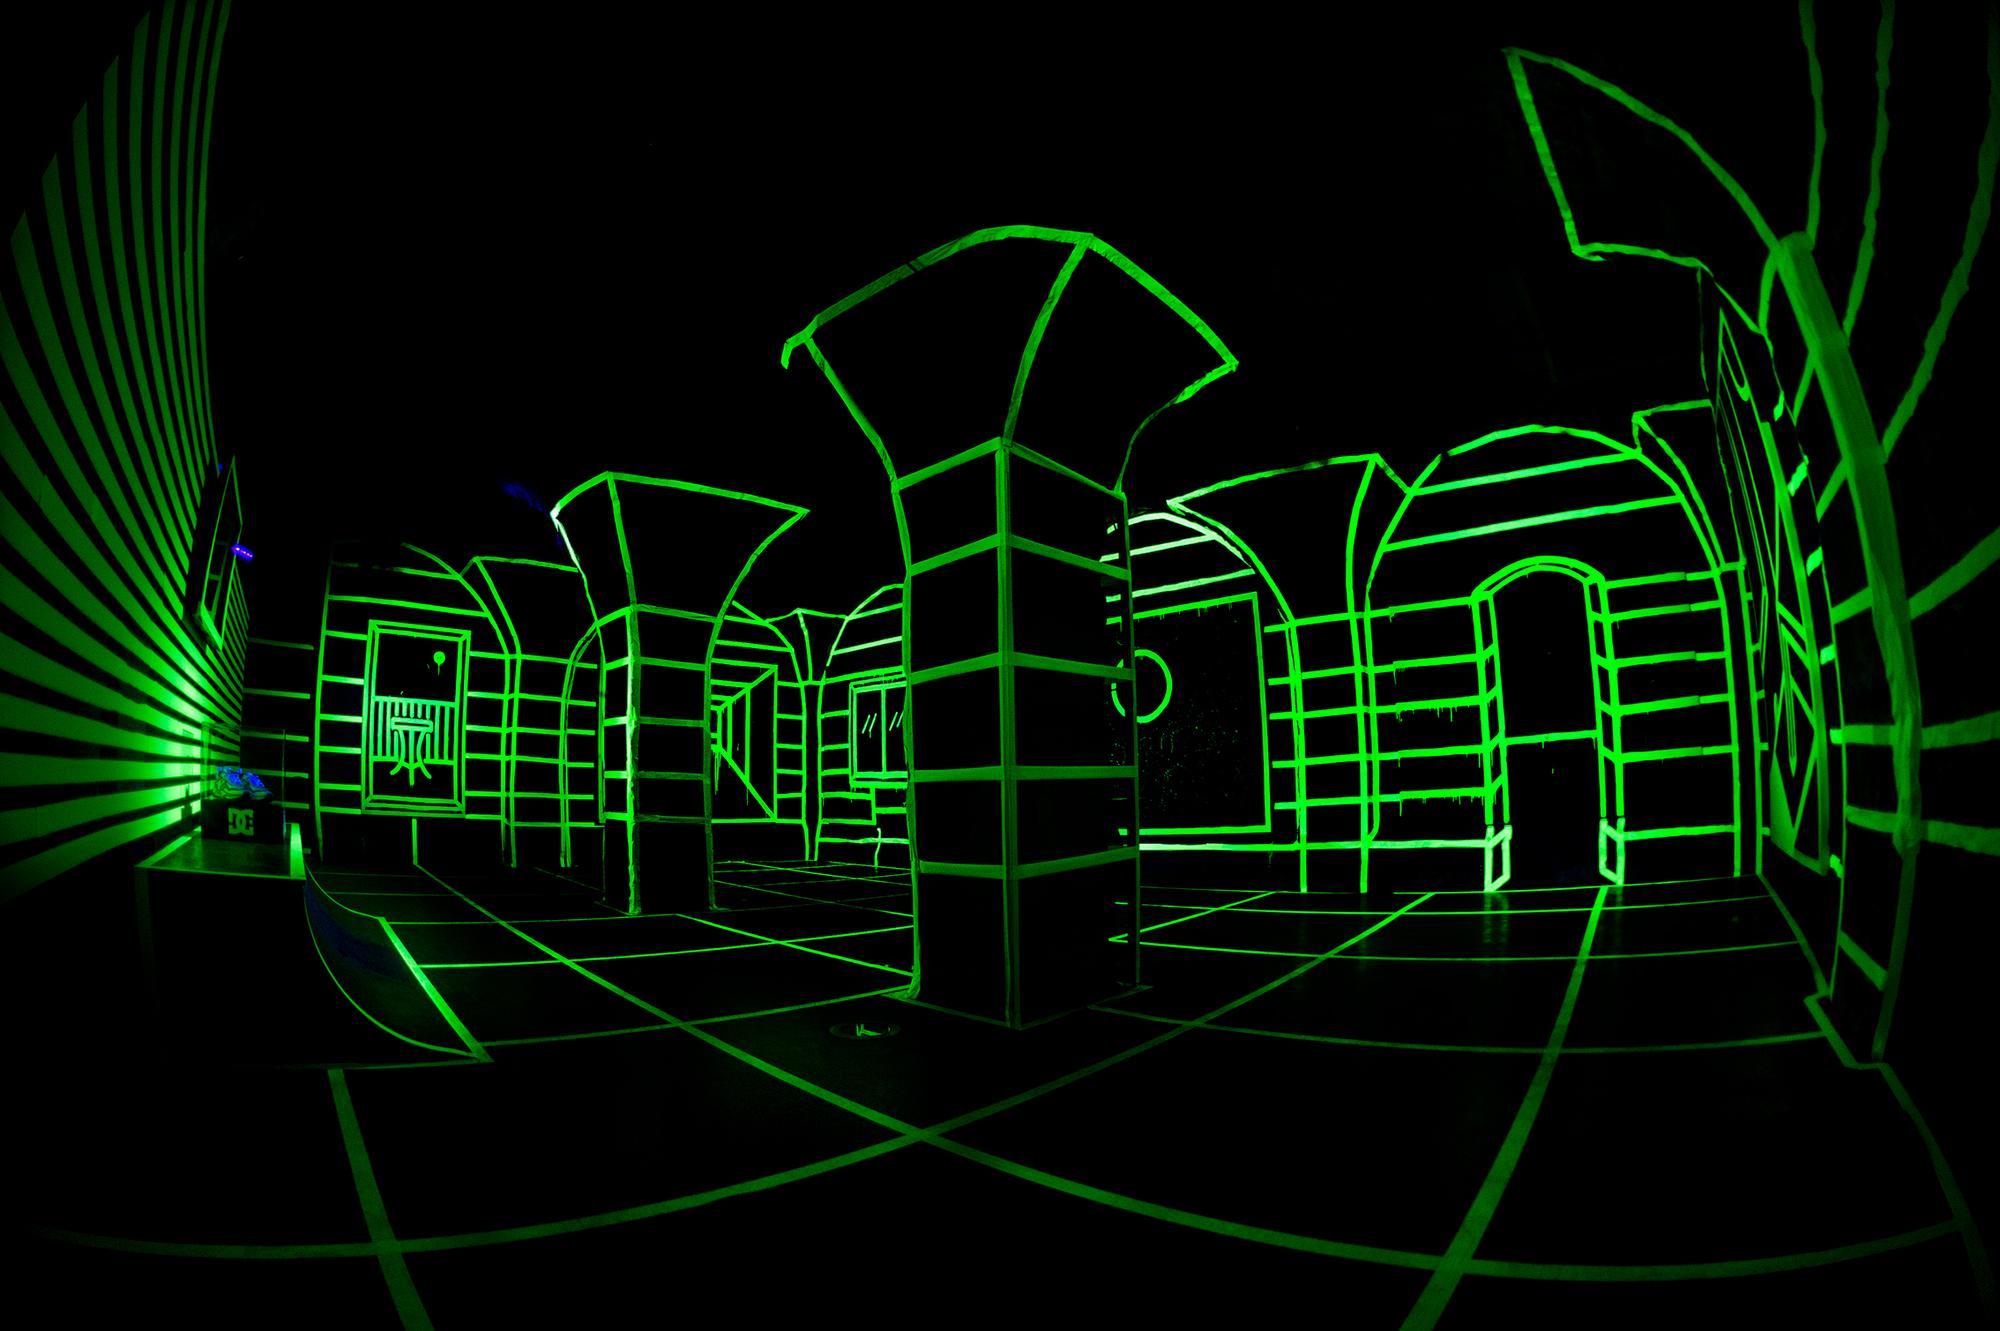 Joshua Vides glow in the dark exhibit 3